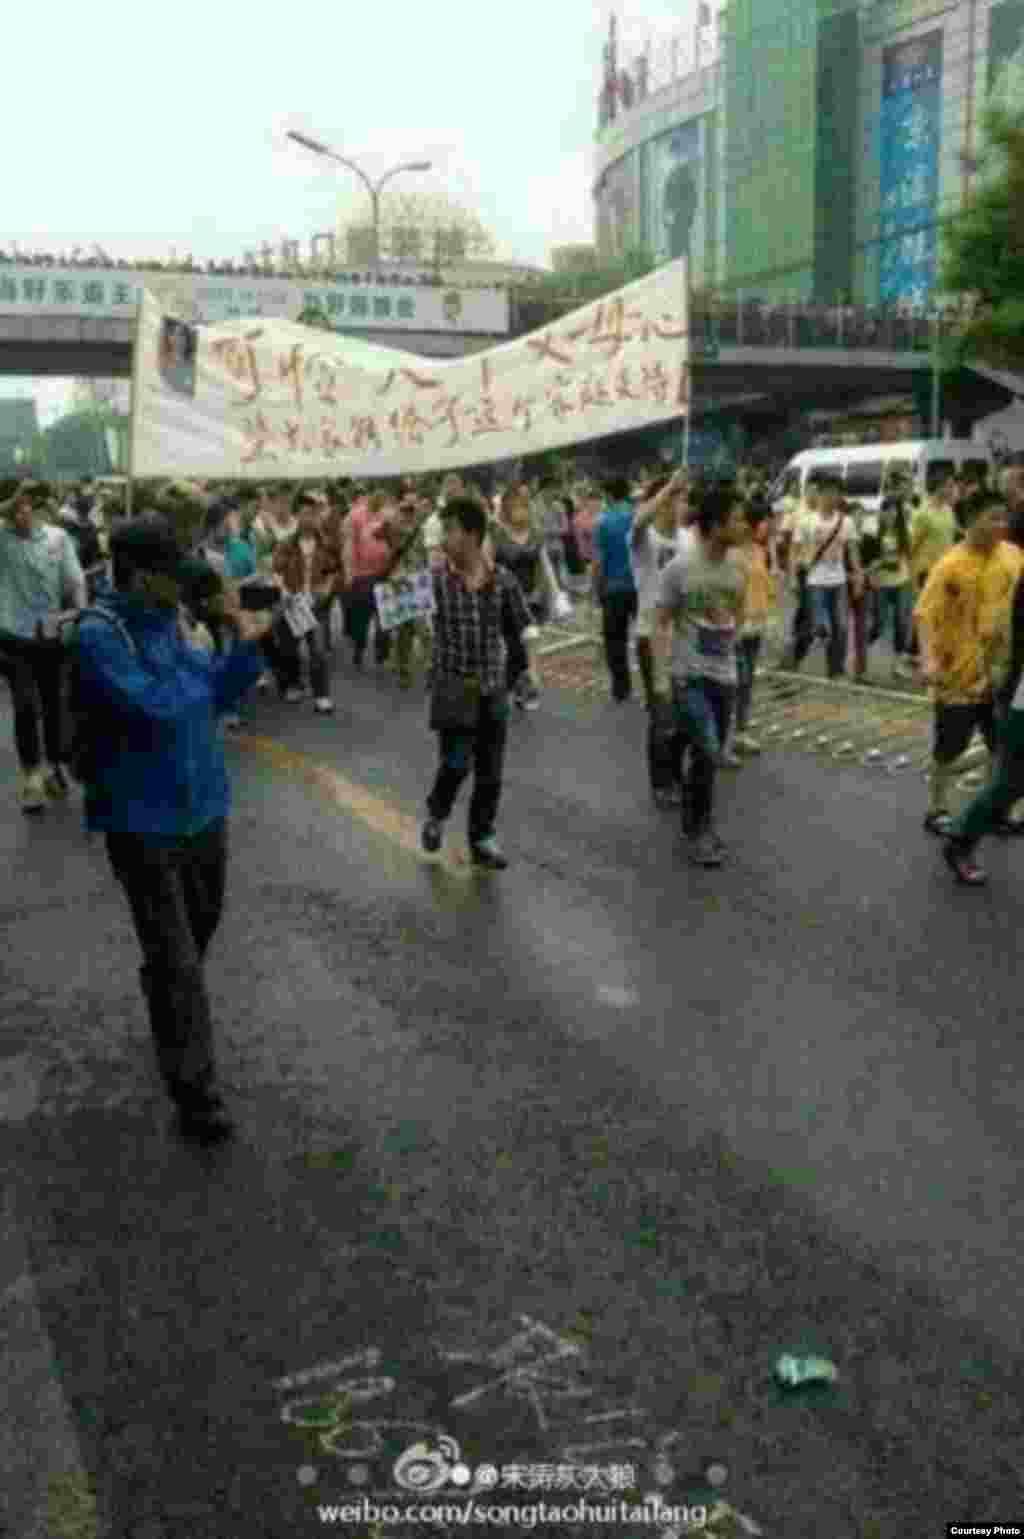 群众拉开抗议的标语在大街上游行(网民提供)